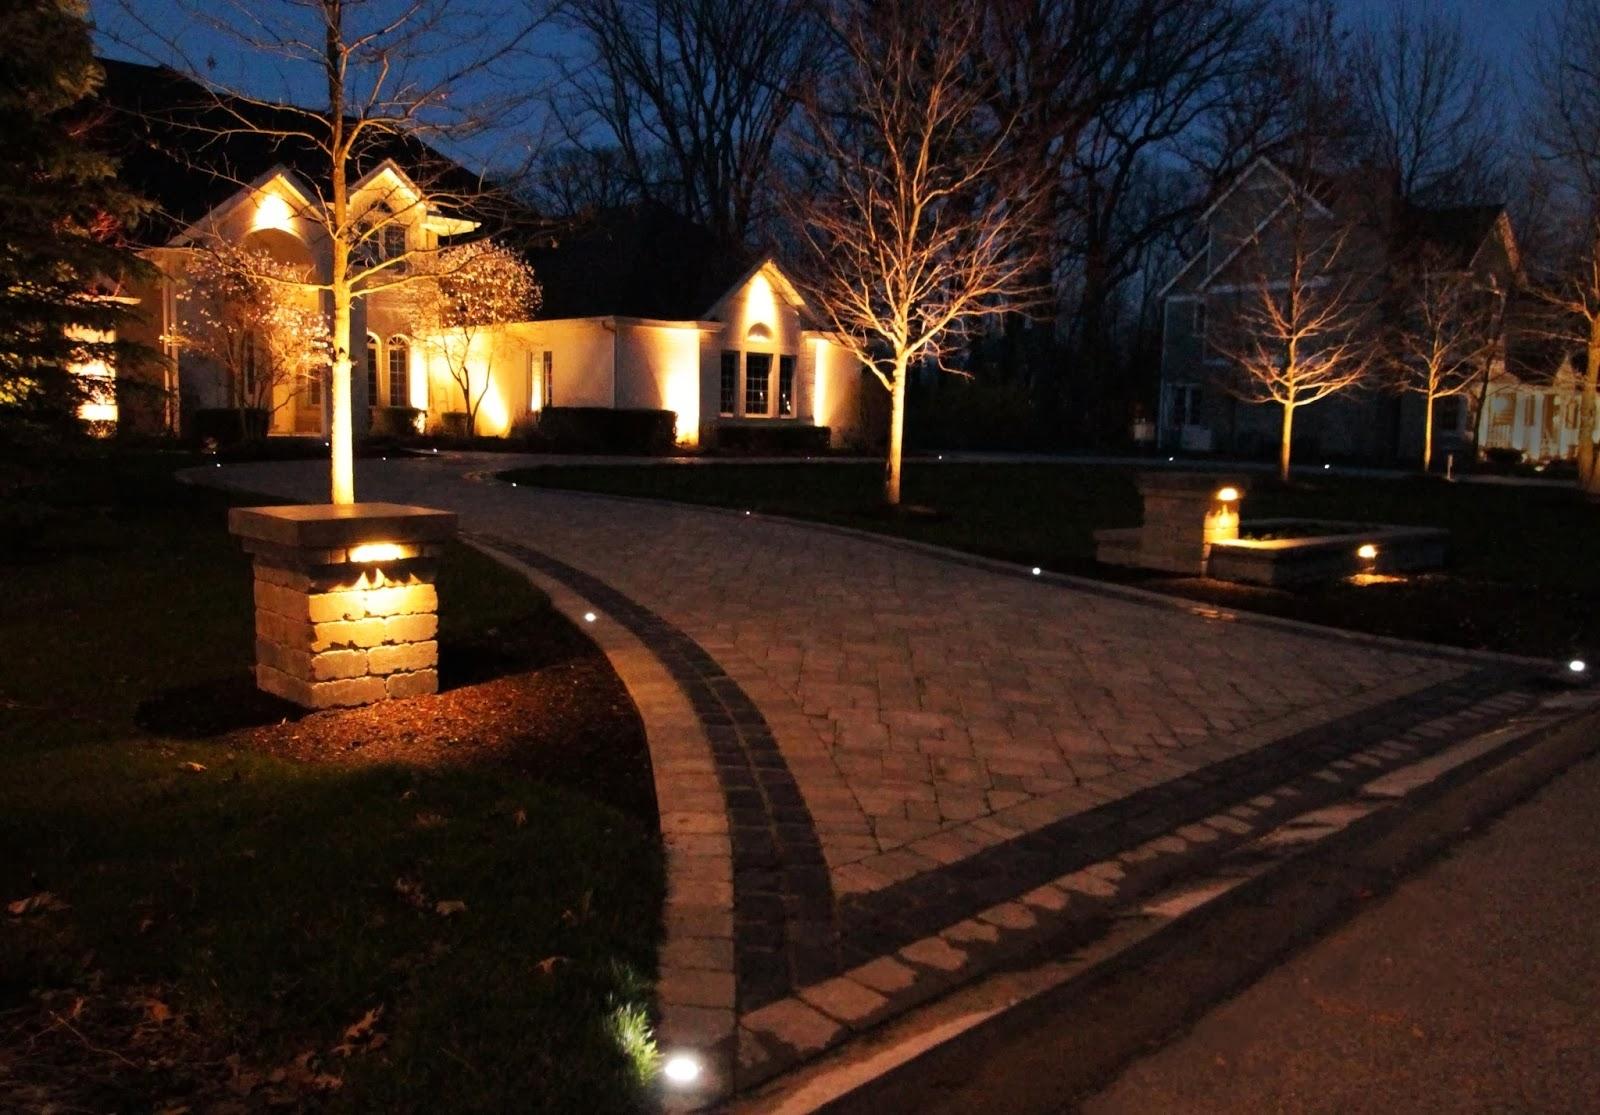 Outdoor Driveway Lighting Fixtures – Outdoor Lighting Ideas Regarding Well Known Outdoor Driveway Lanterns (View 16 of 20)